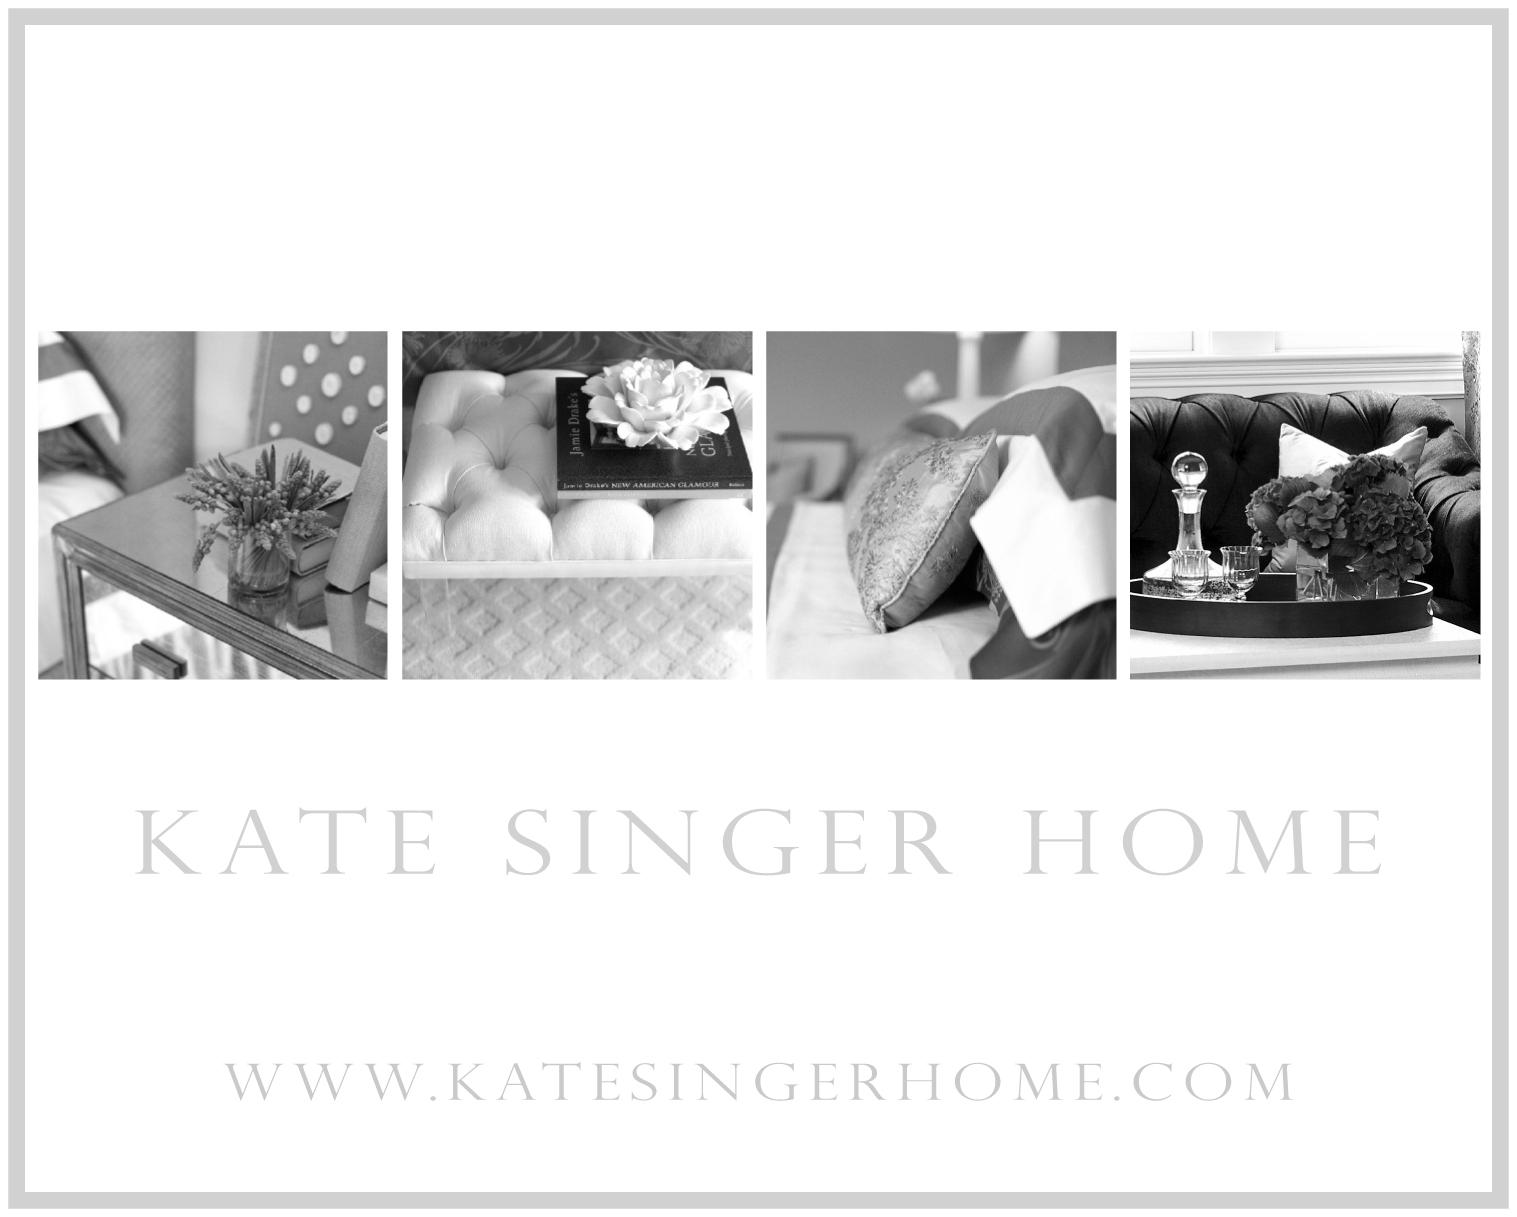 Kate Singer Home - Magazine Ad